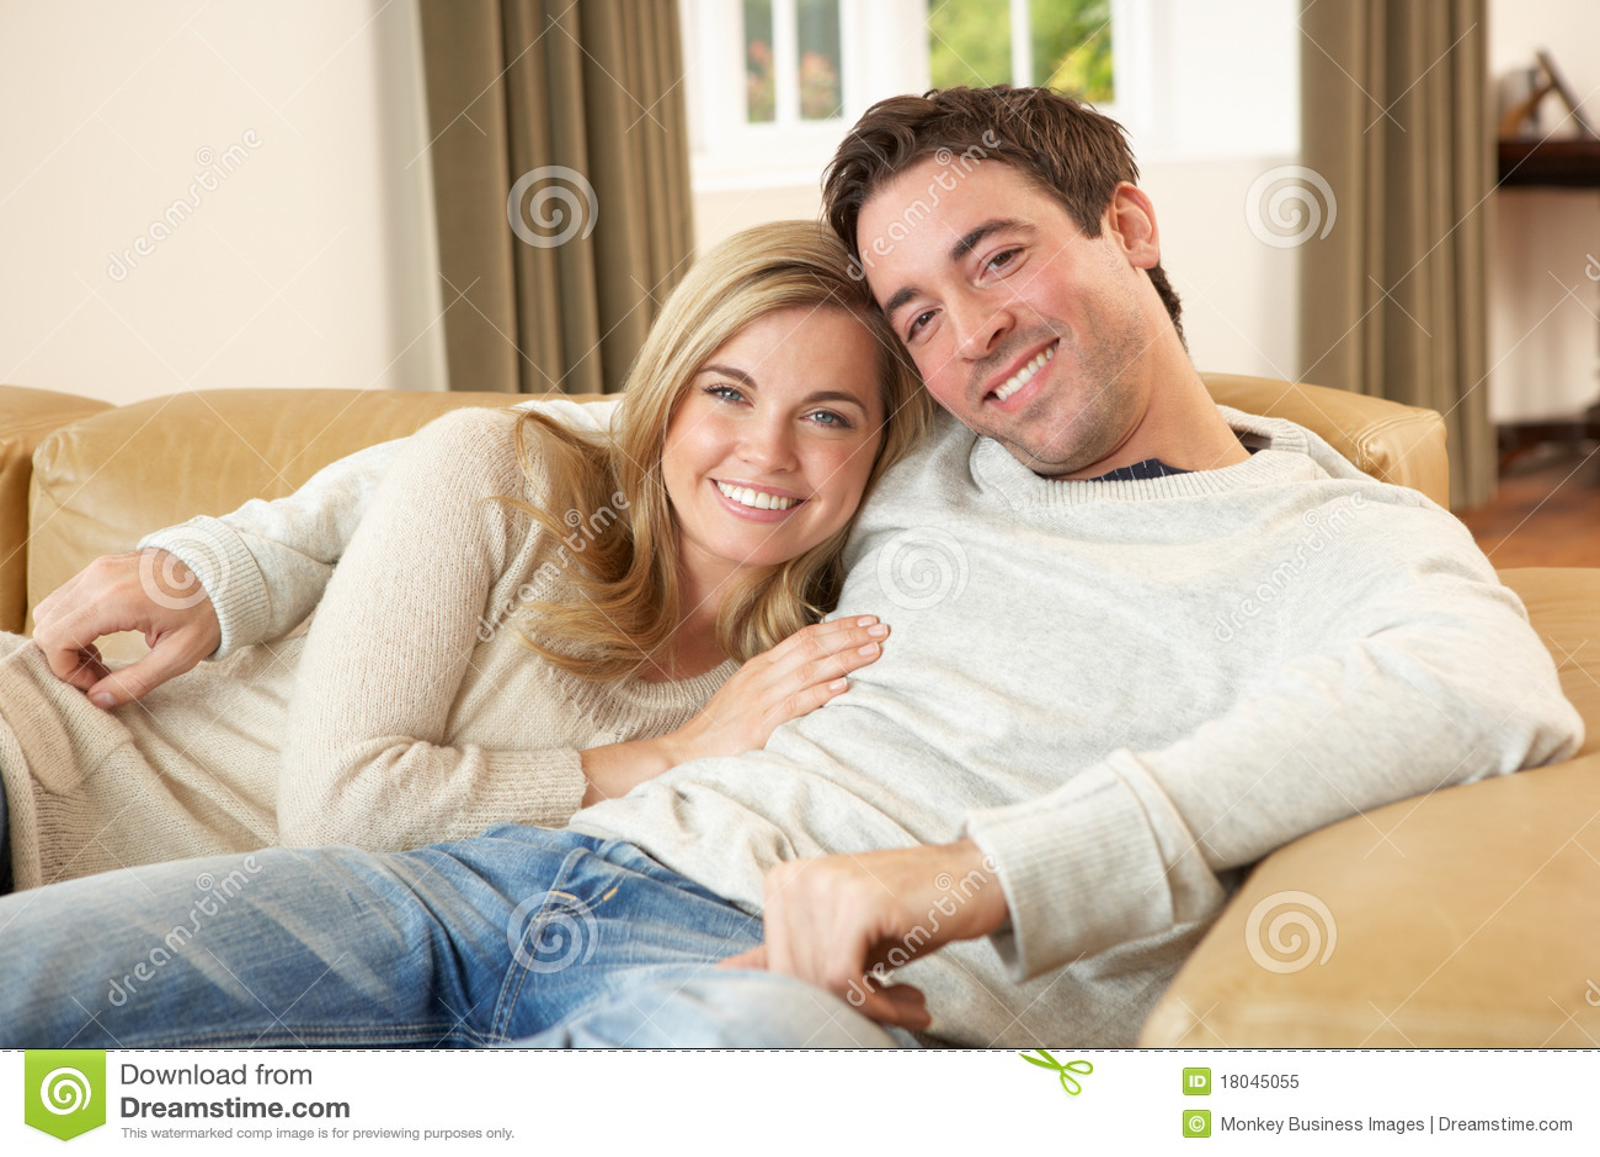 Фото семейные пара и подружки 16 фотография